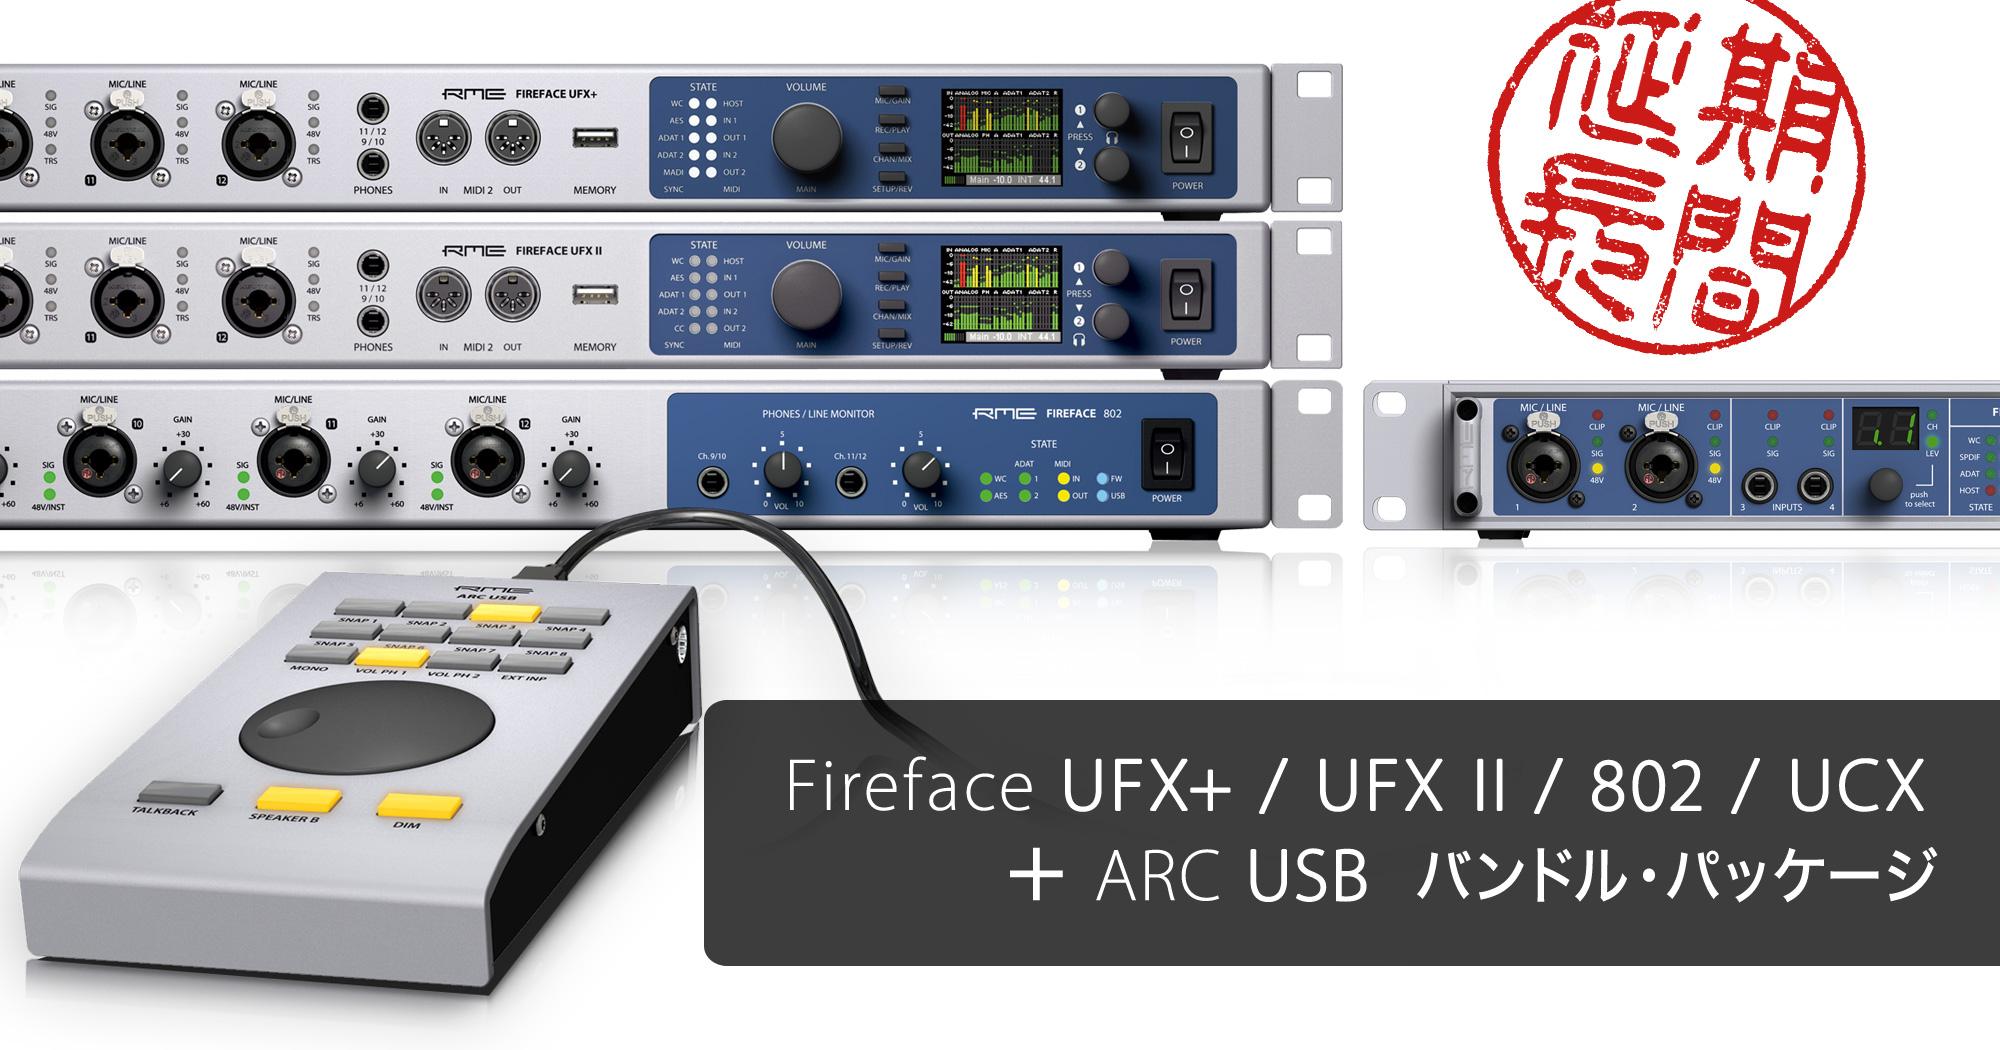 新たにFireface UCXを対象製品に加えて、RME Fireface ARCバンドル・キャンペーンを期間延長!